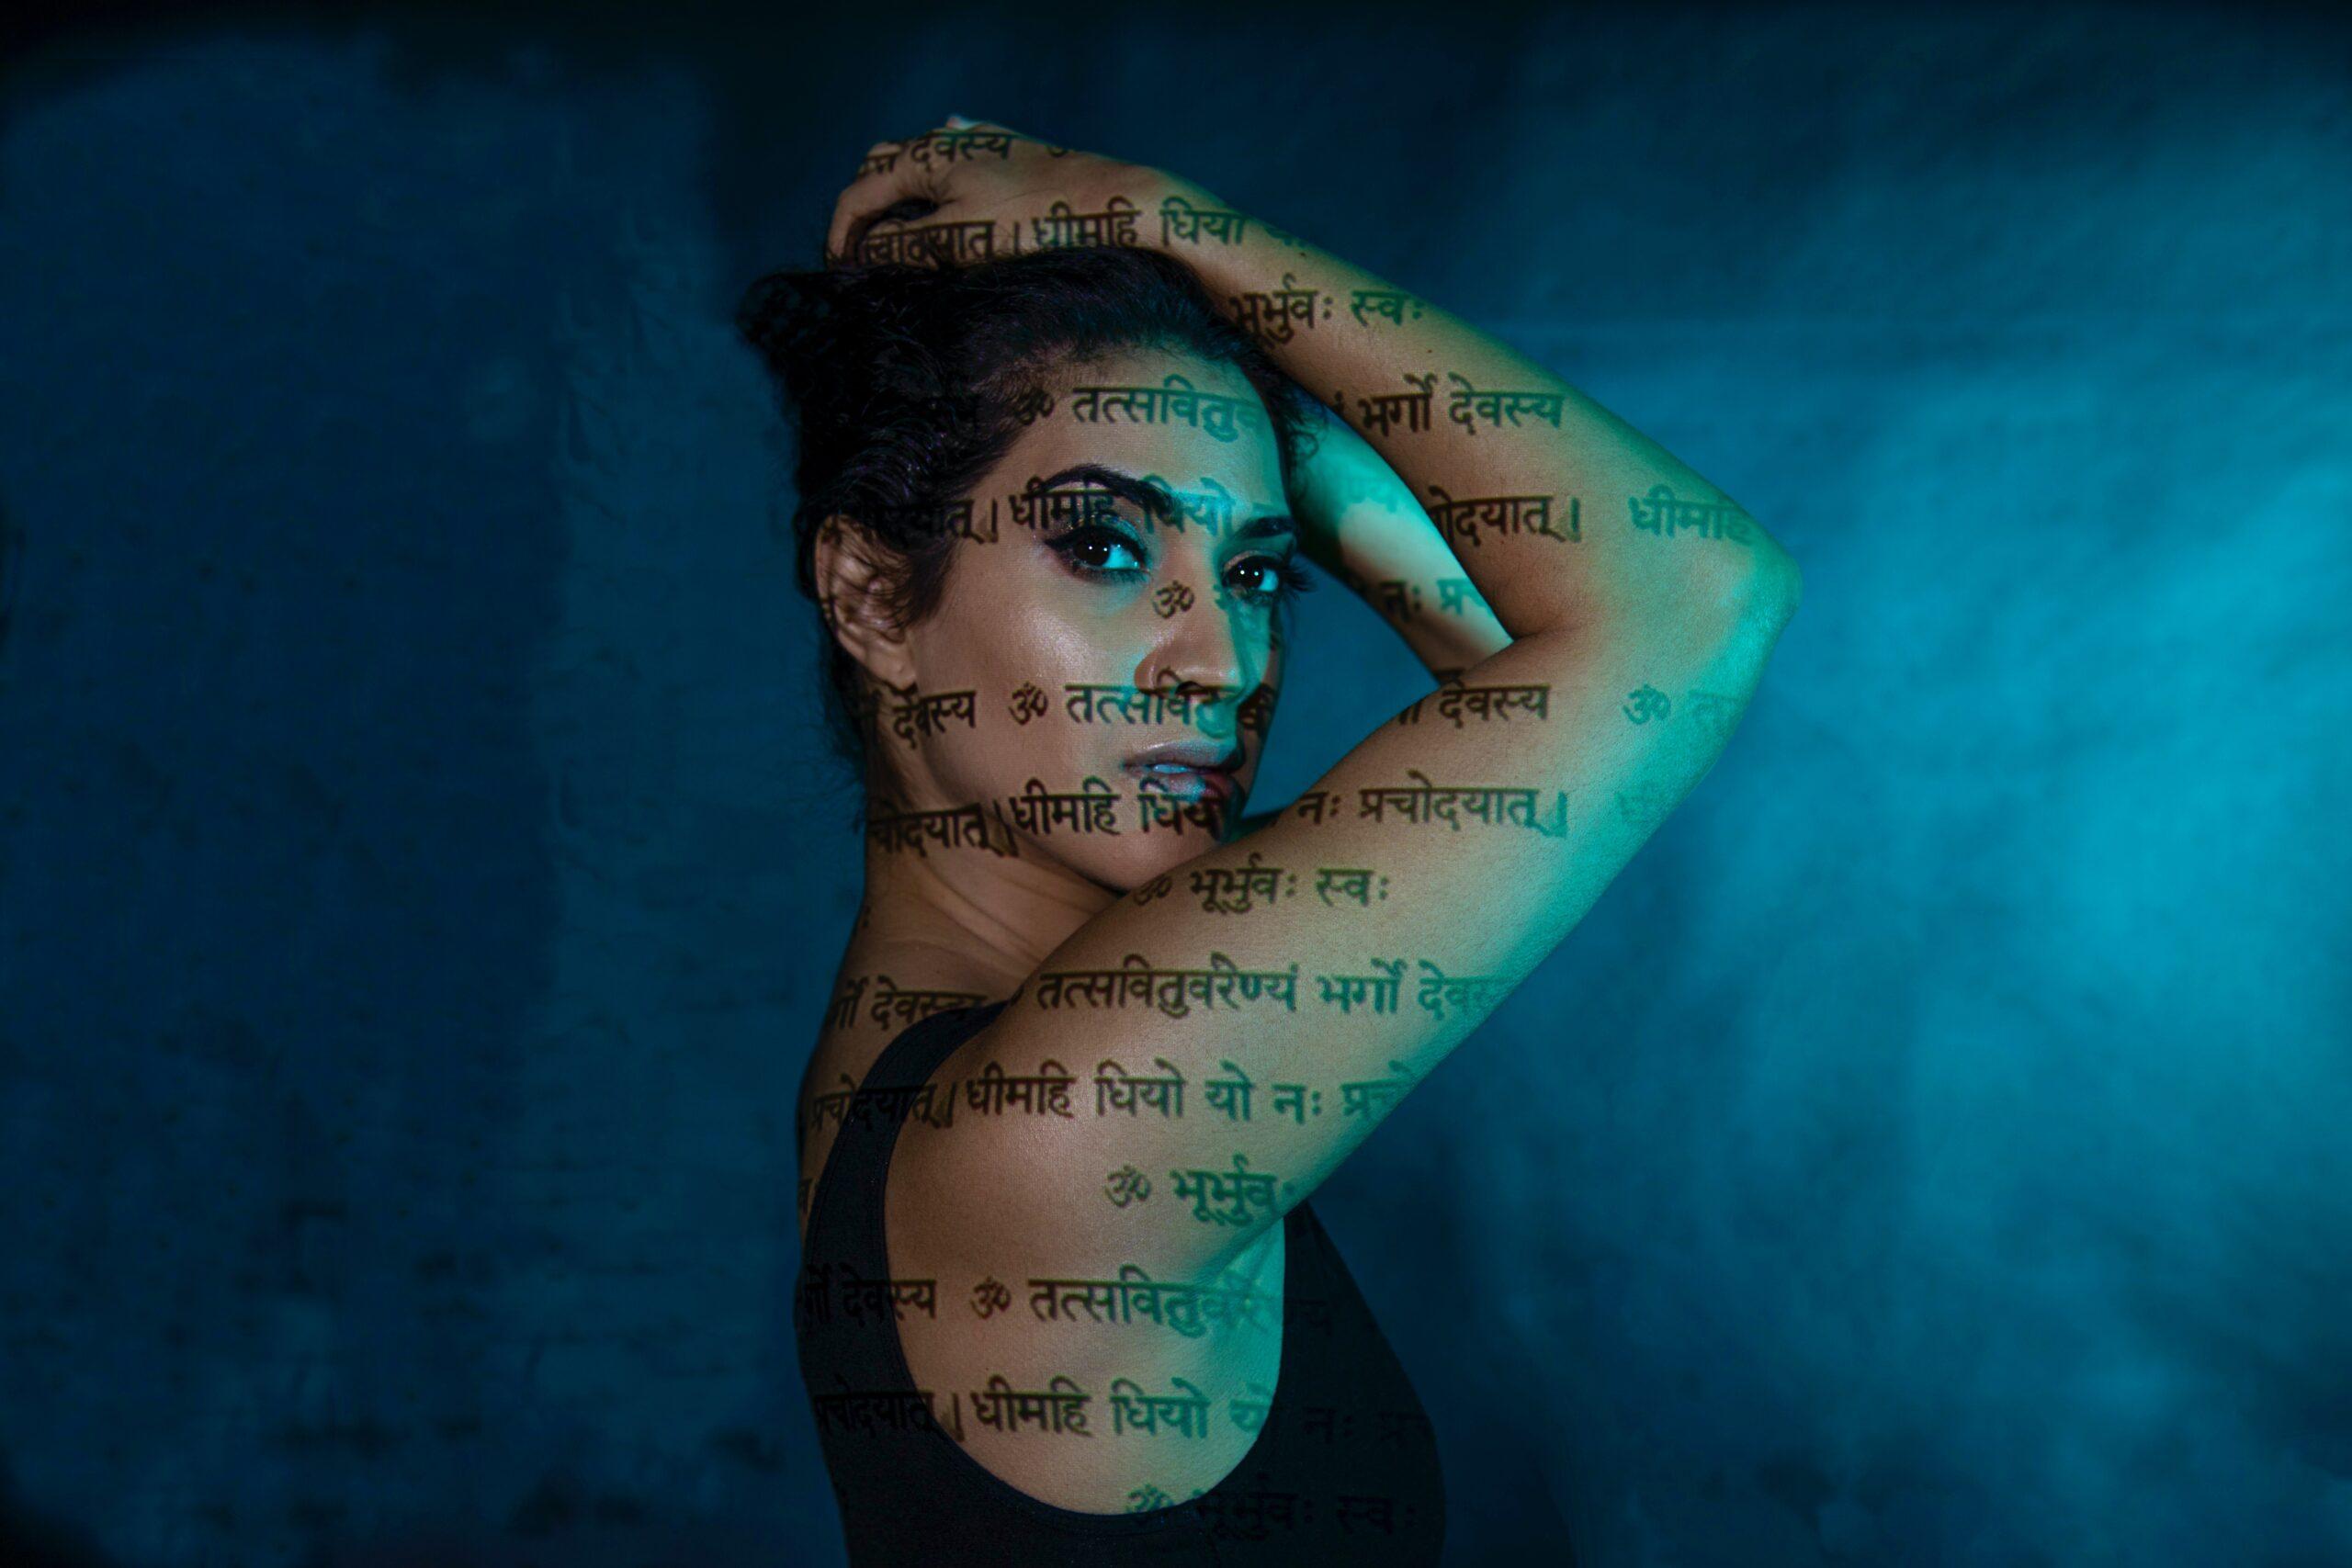 Radhika Vekaria